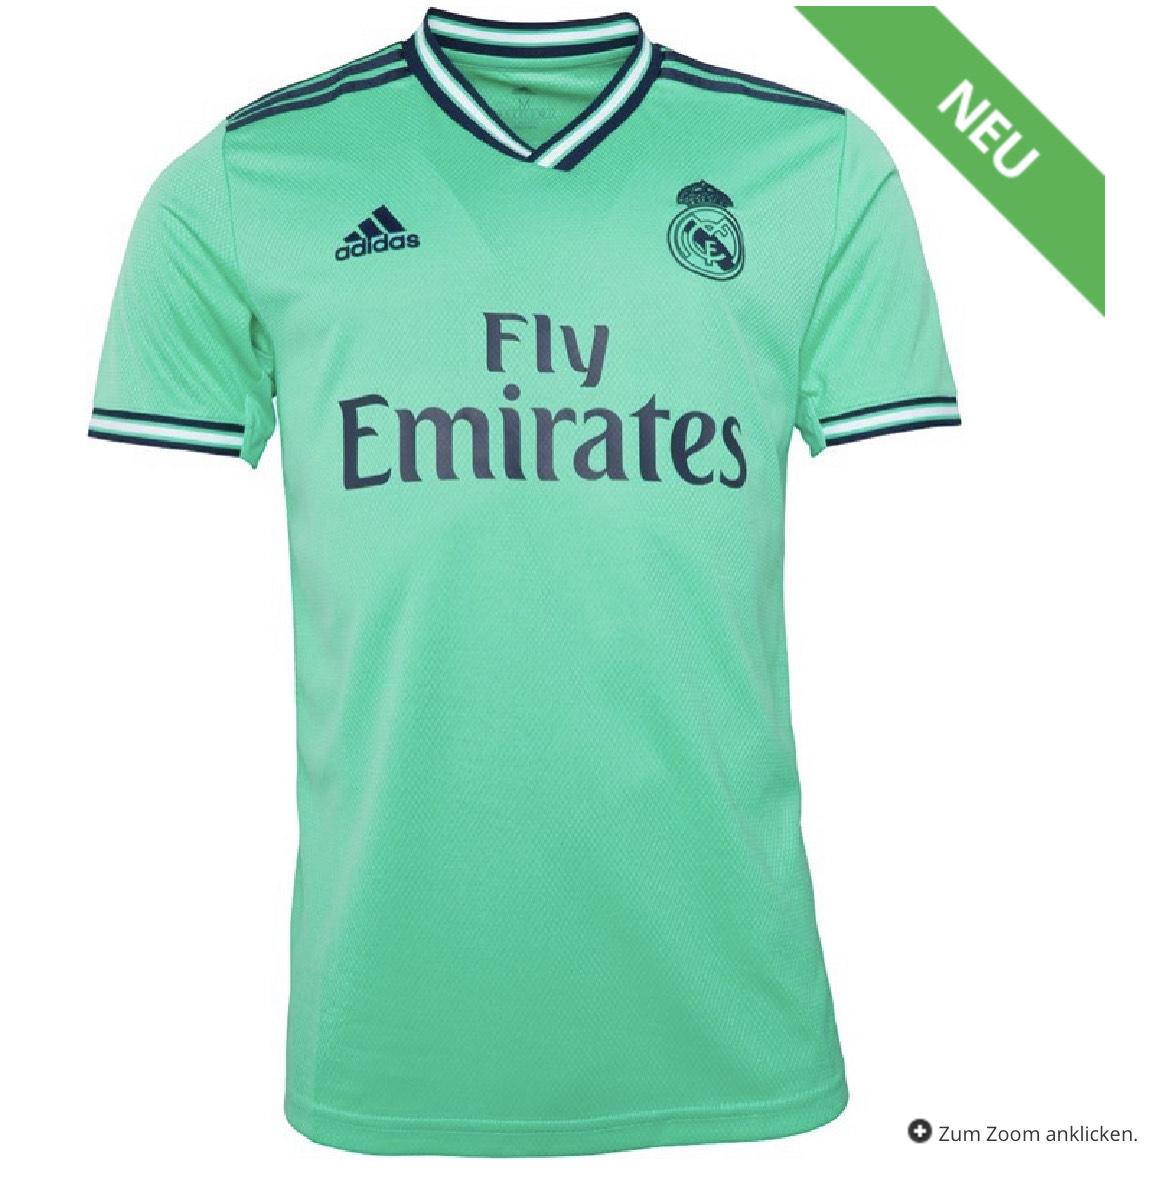 adidas Herren RMFC Real Madrid Third Trikot Grün Saison 19/20 nur 33,44€ alle Größen [mandmdirect]